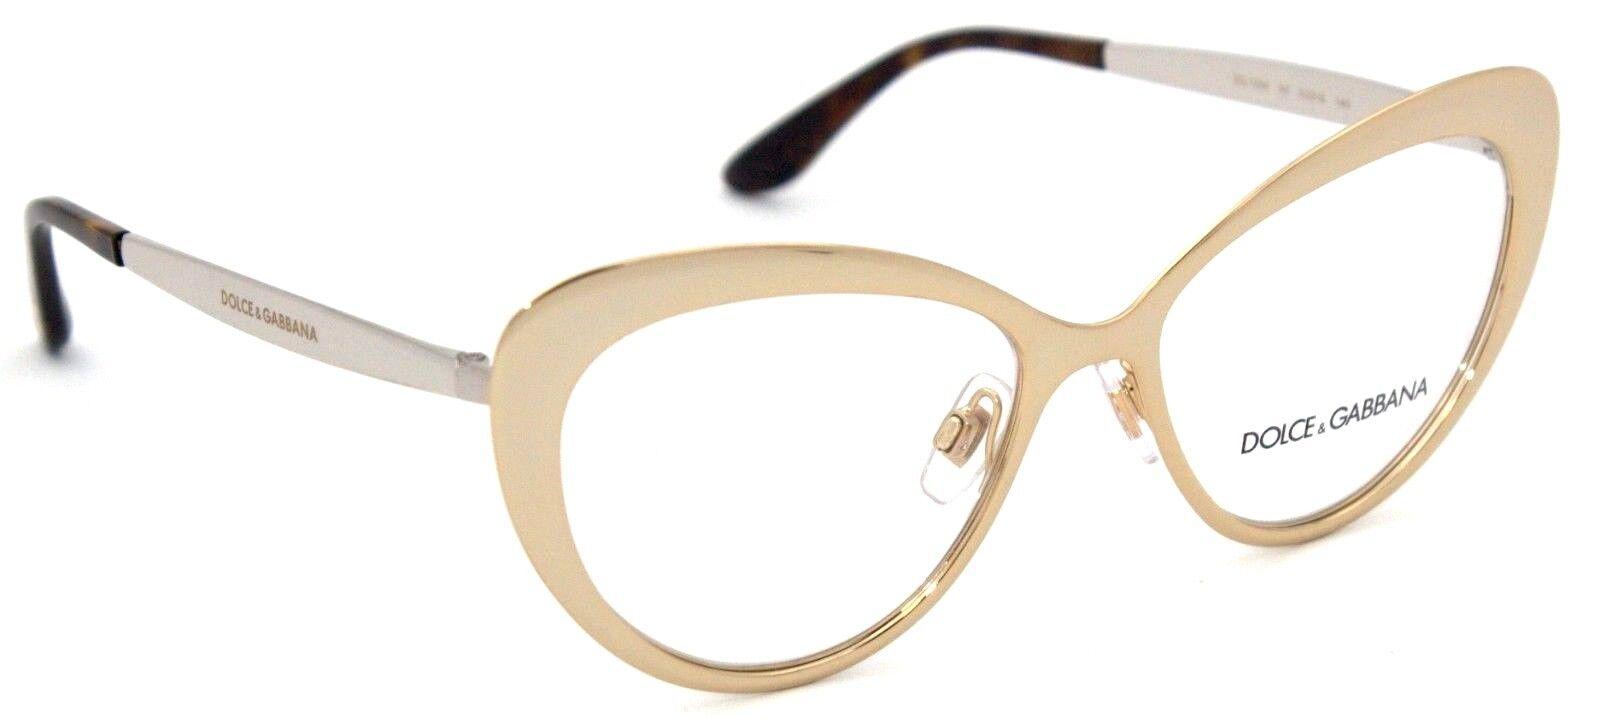 DolceGabbana Damen Brillenfassung DG1294 02 52mm Ausstellungsstück BP 3 T81